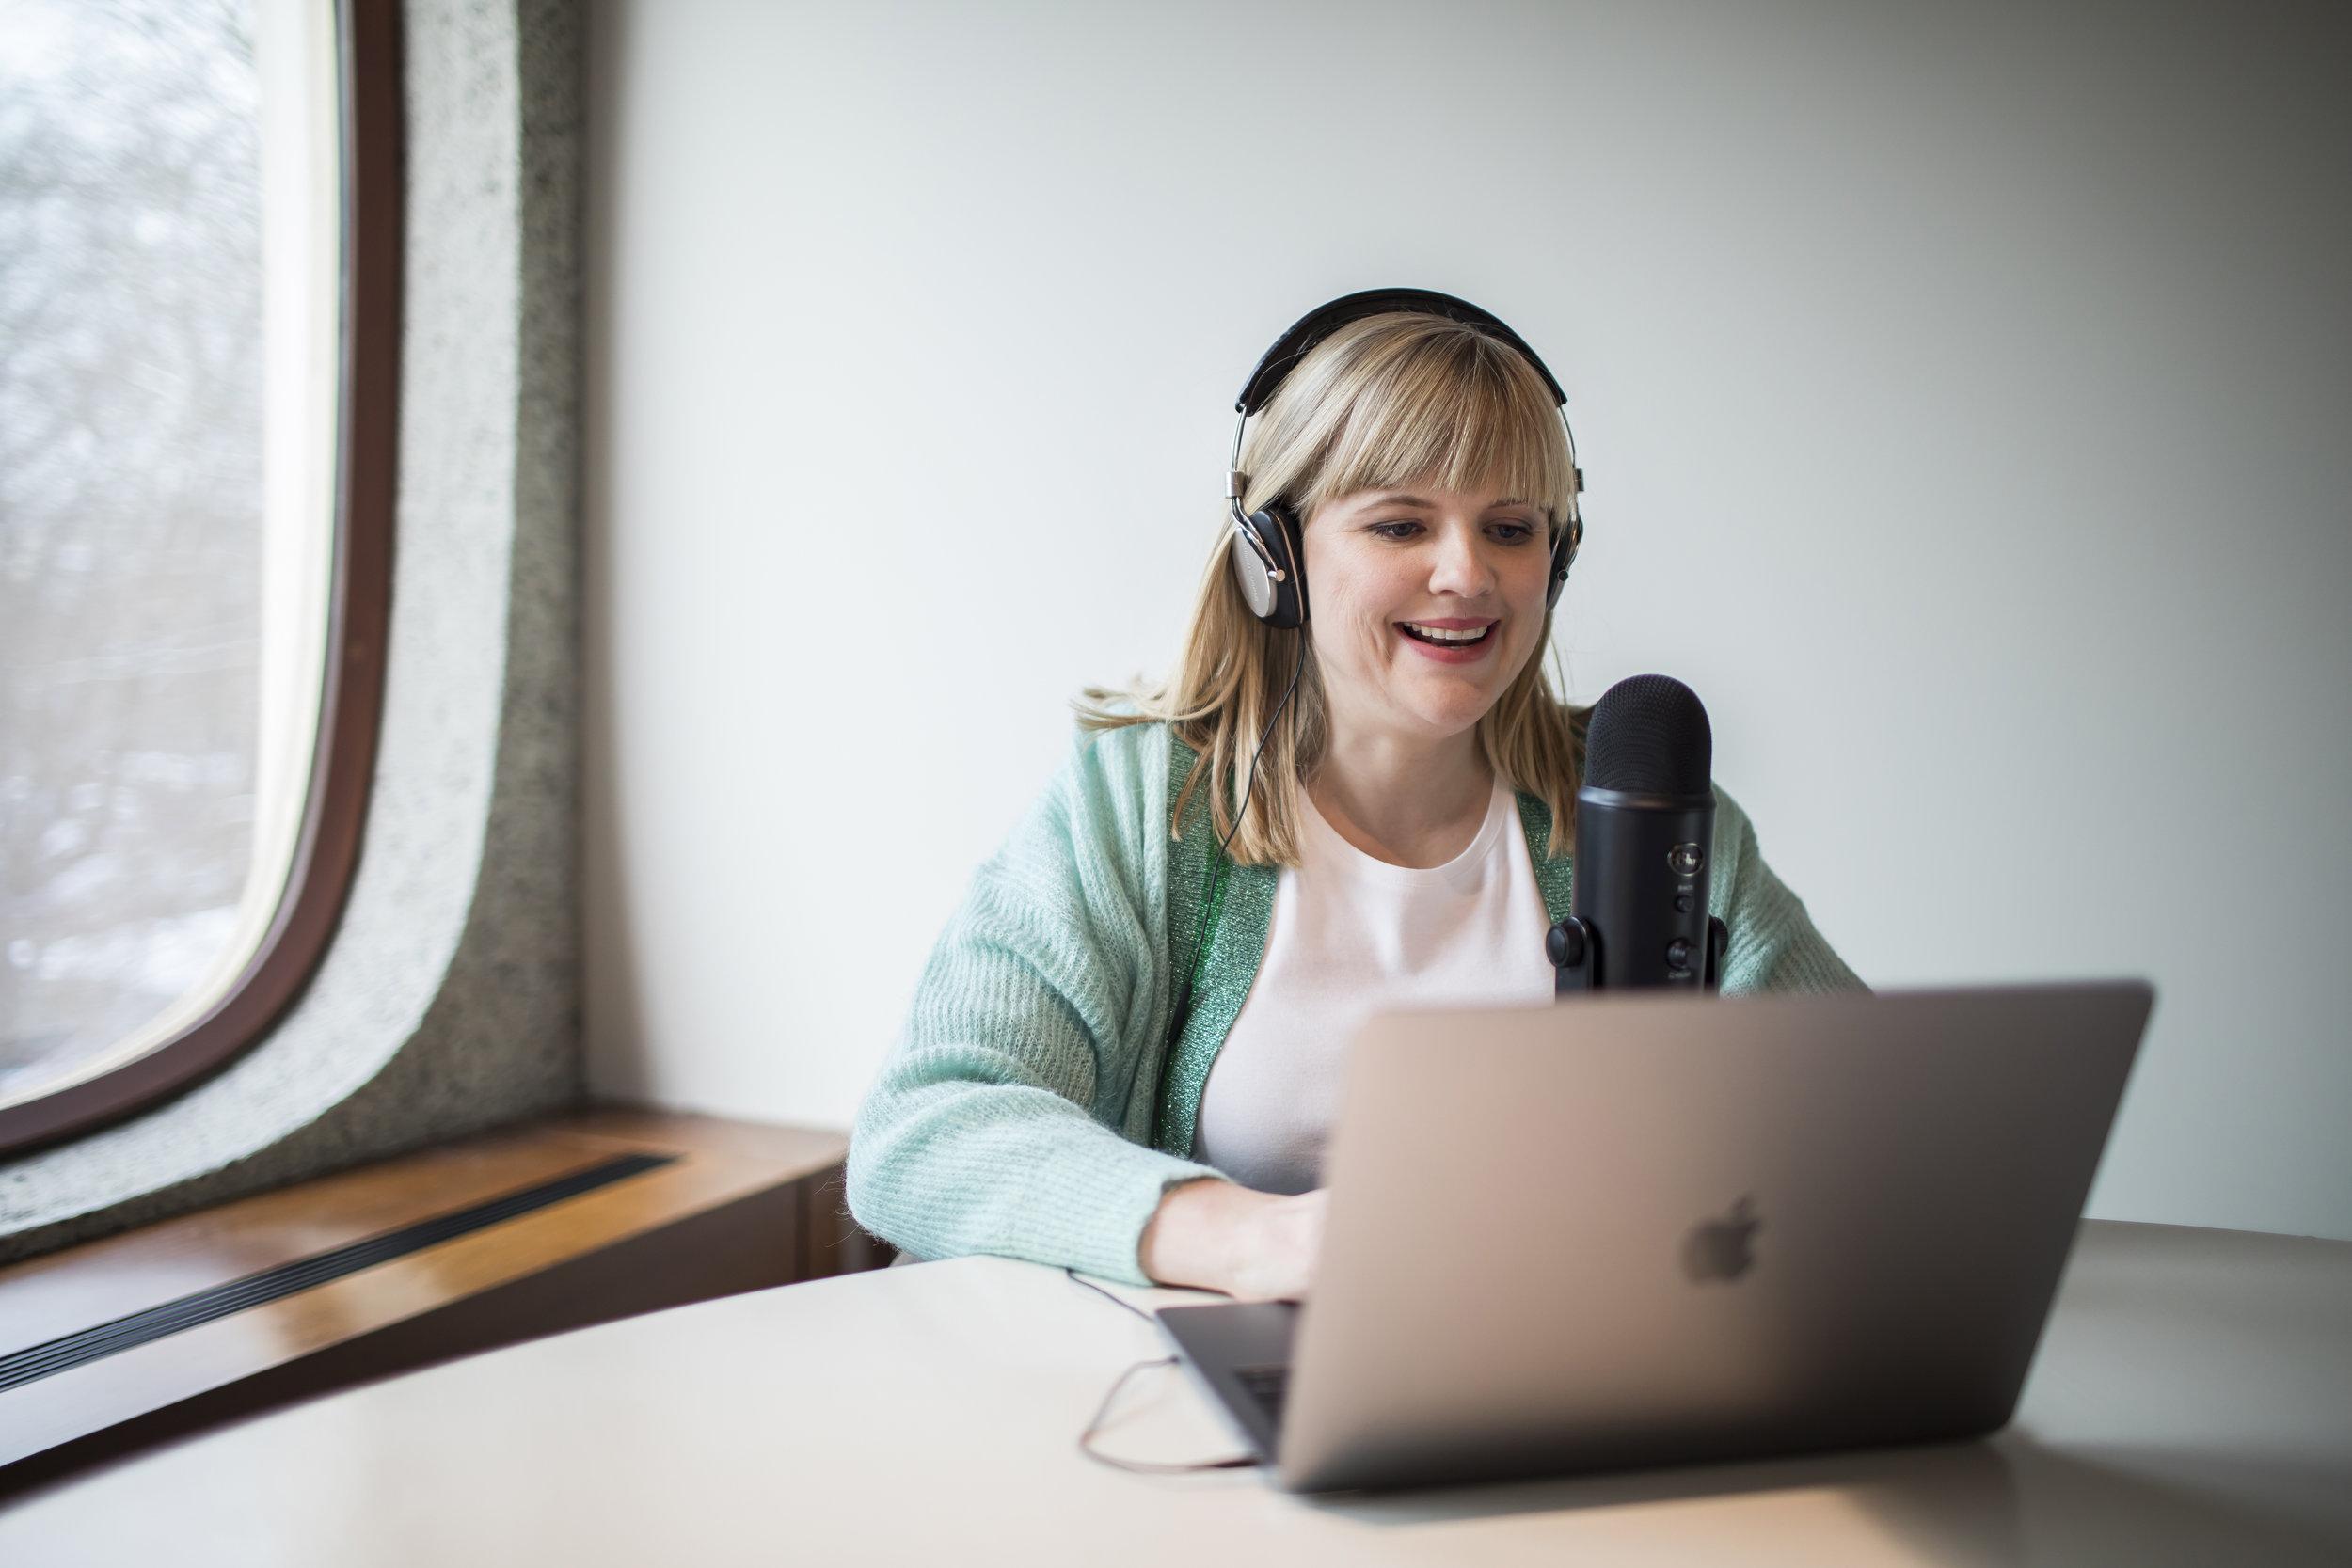 Na jaren podcasts verslonden te hebben, begon ik er zelf een in 2018.